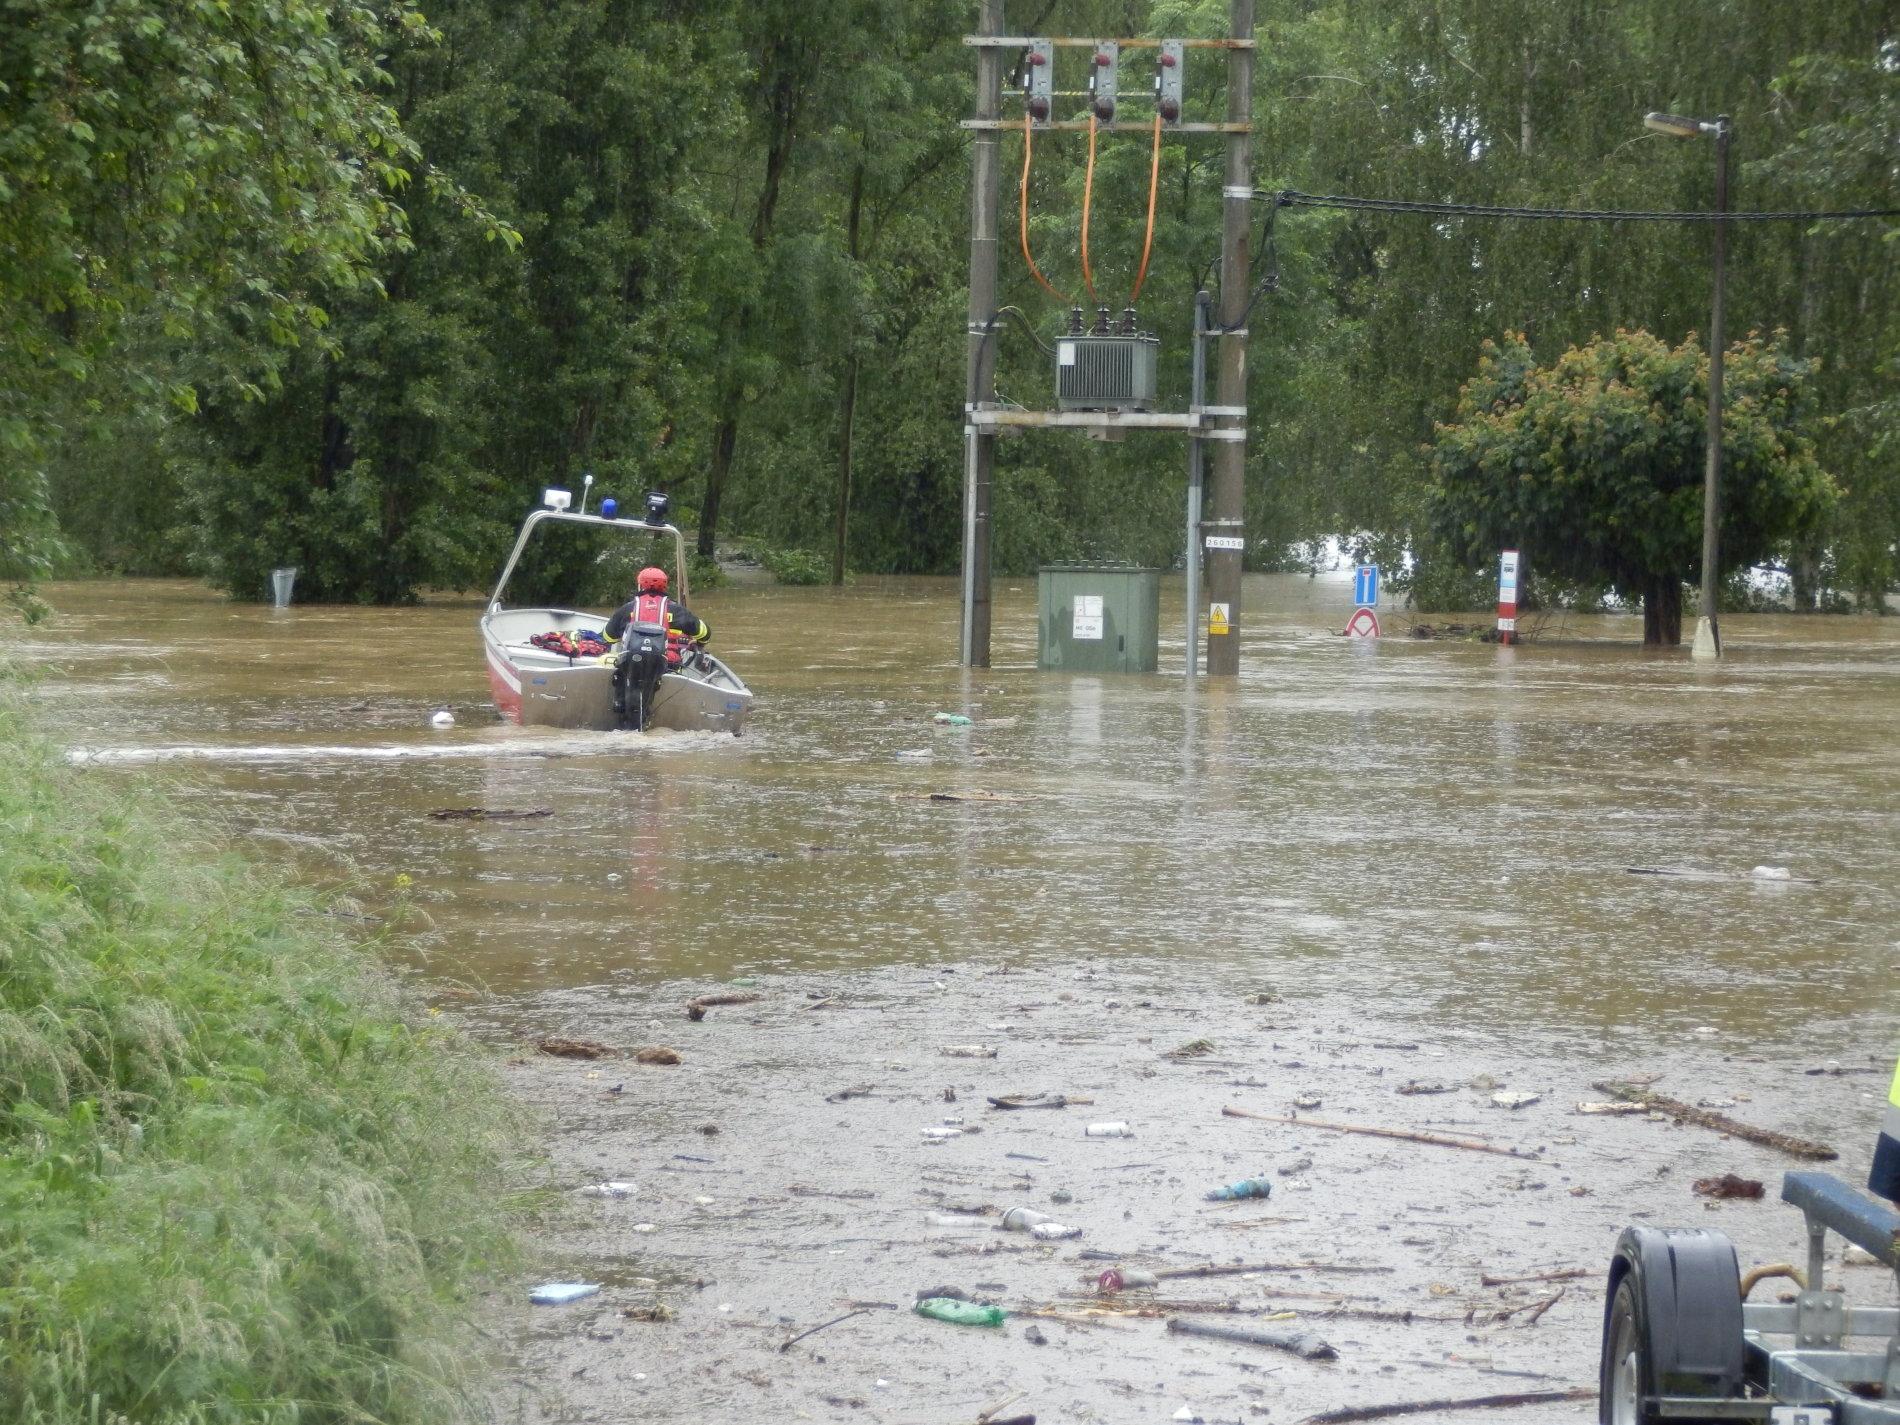 Aktualni fotografie ze Zálezlic ve Středočeském kraji.  V některých objektech zůstávají lidé (7 Ukrajinců a 2 Poláci), kteří odmítají evakuaci.